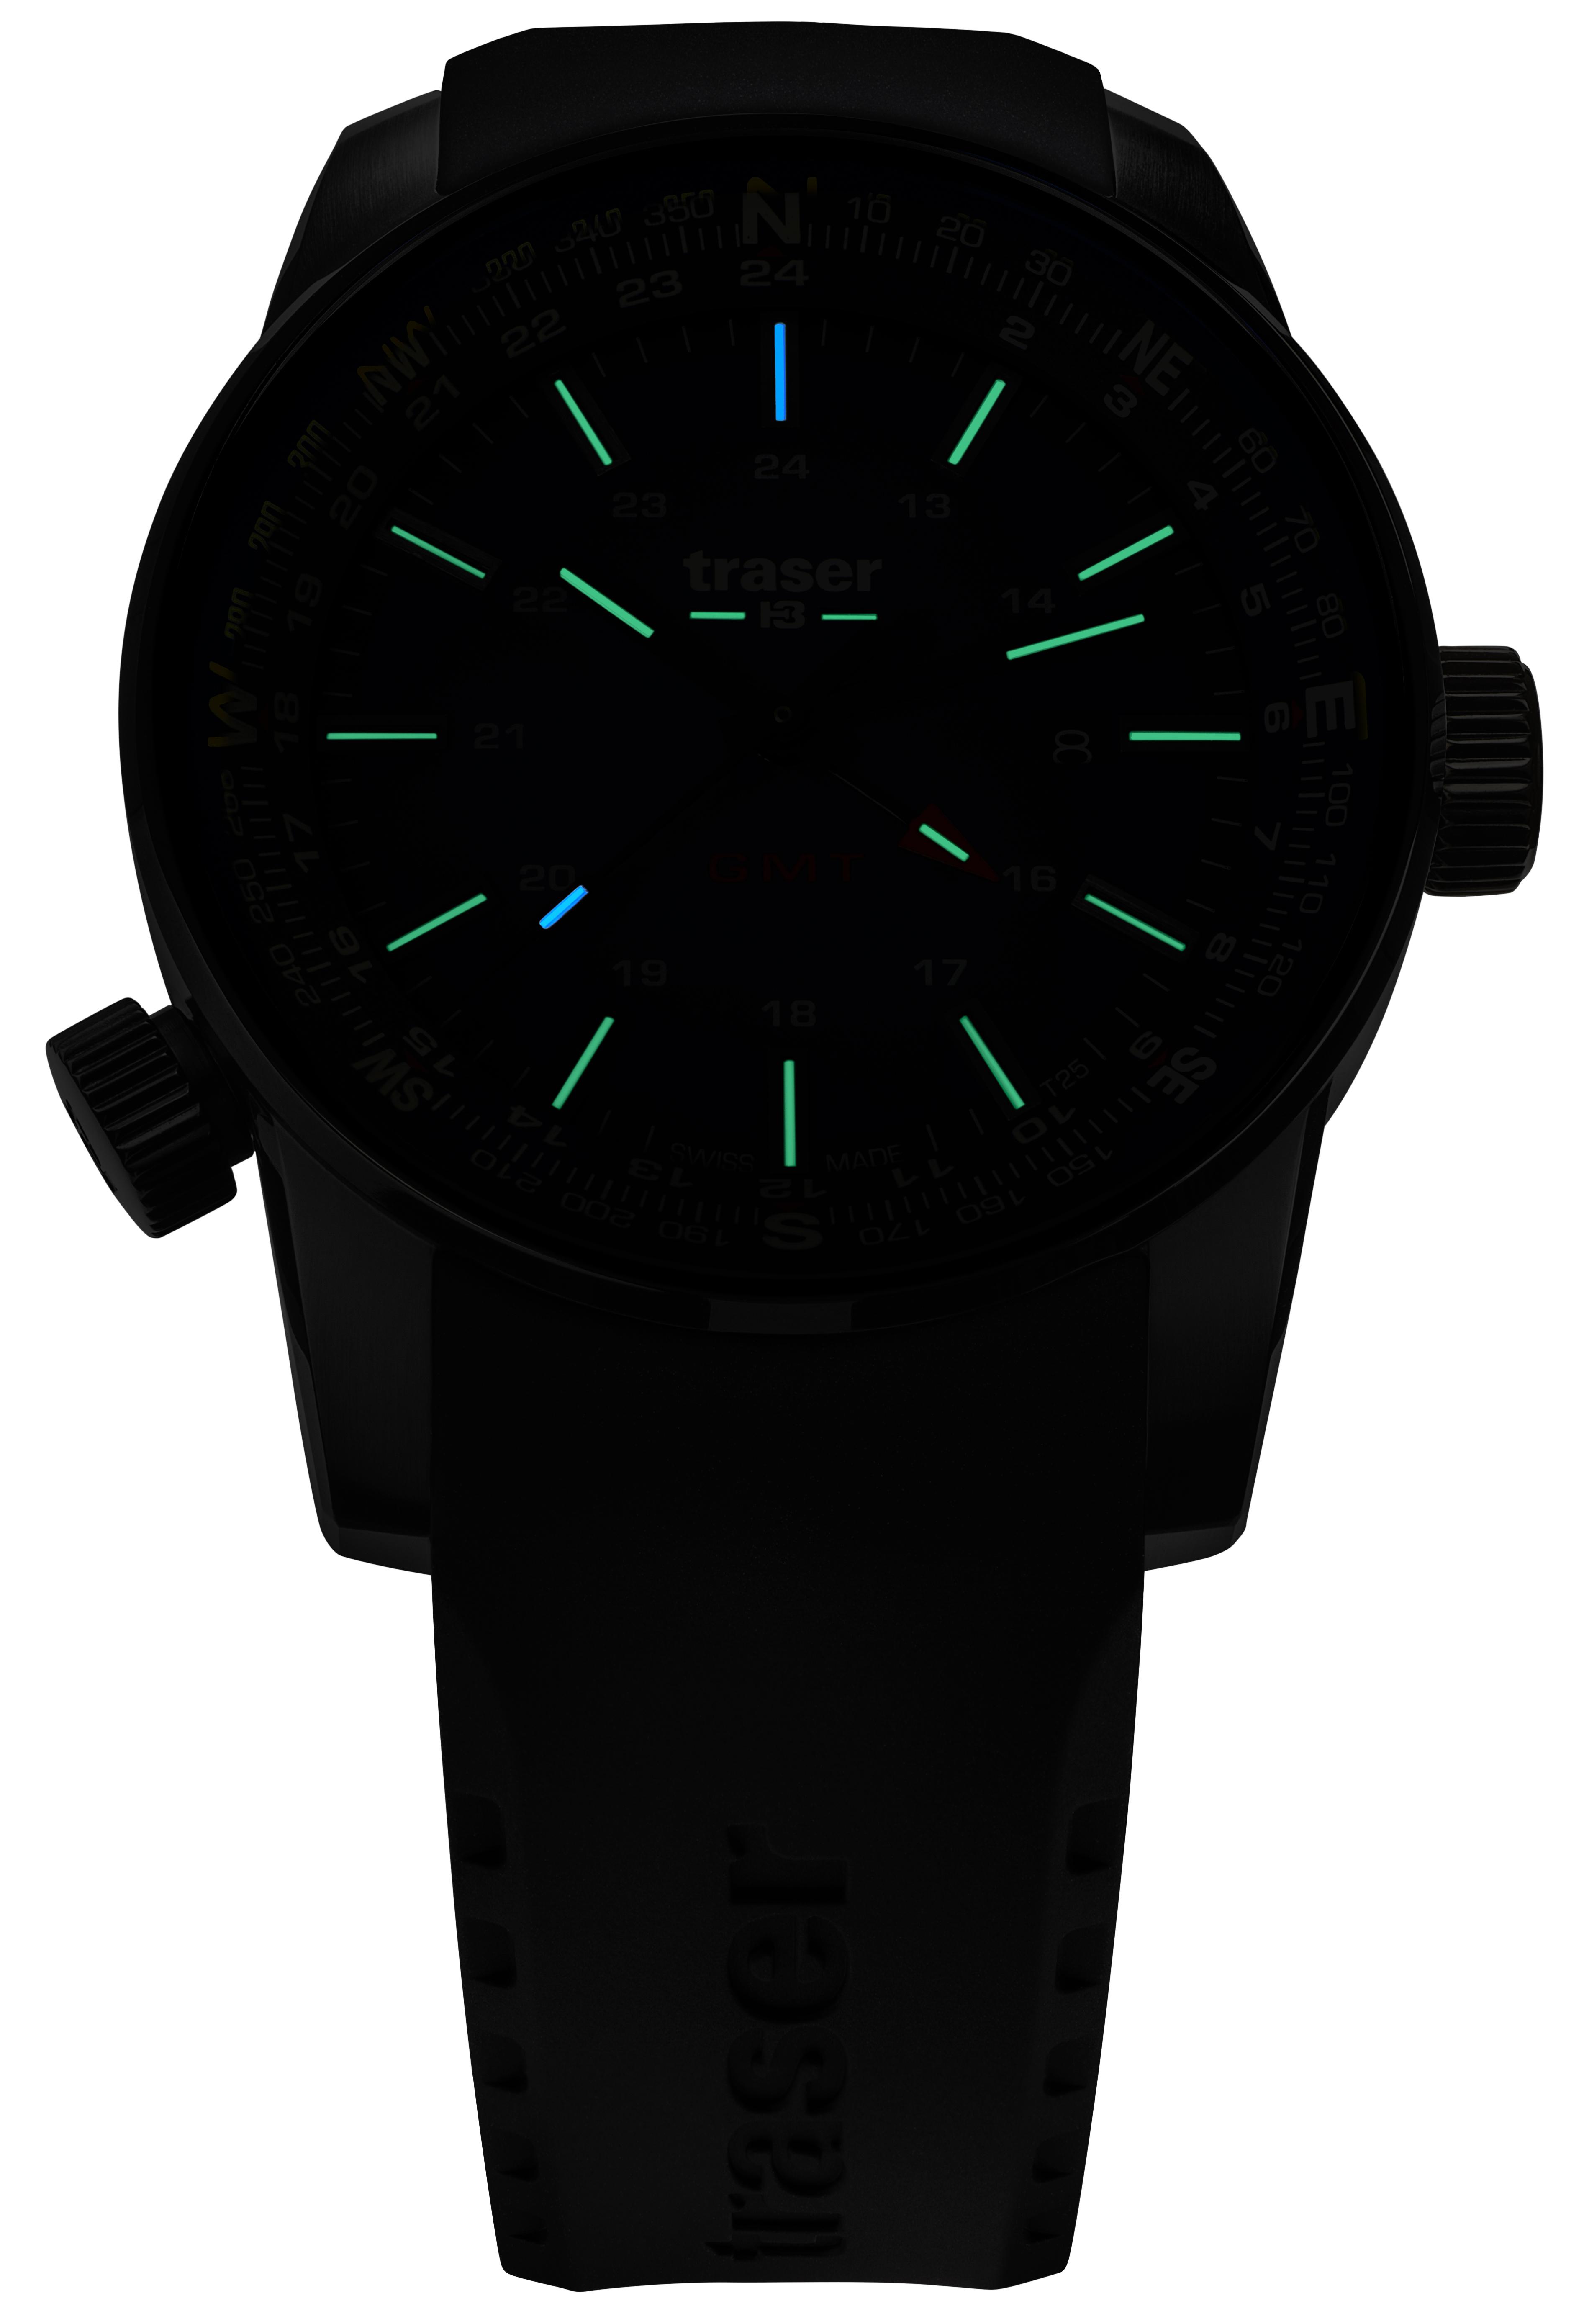 P68-109524 Pathfinder GMT